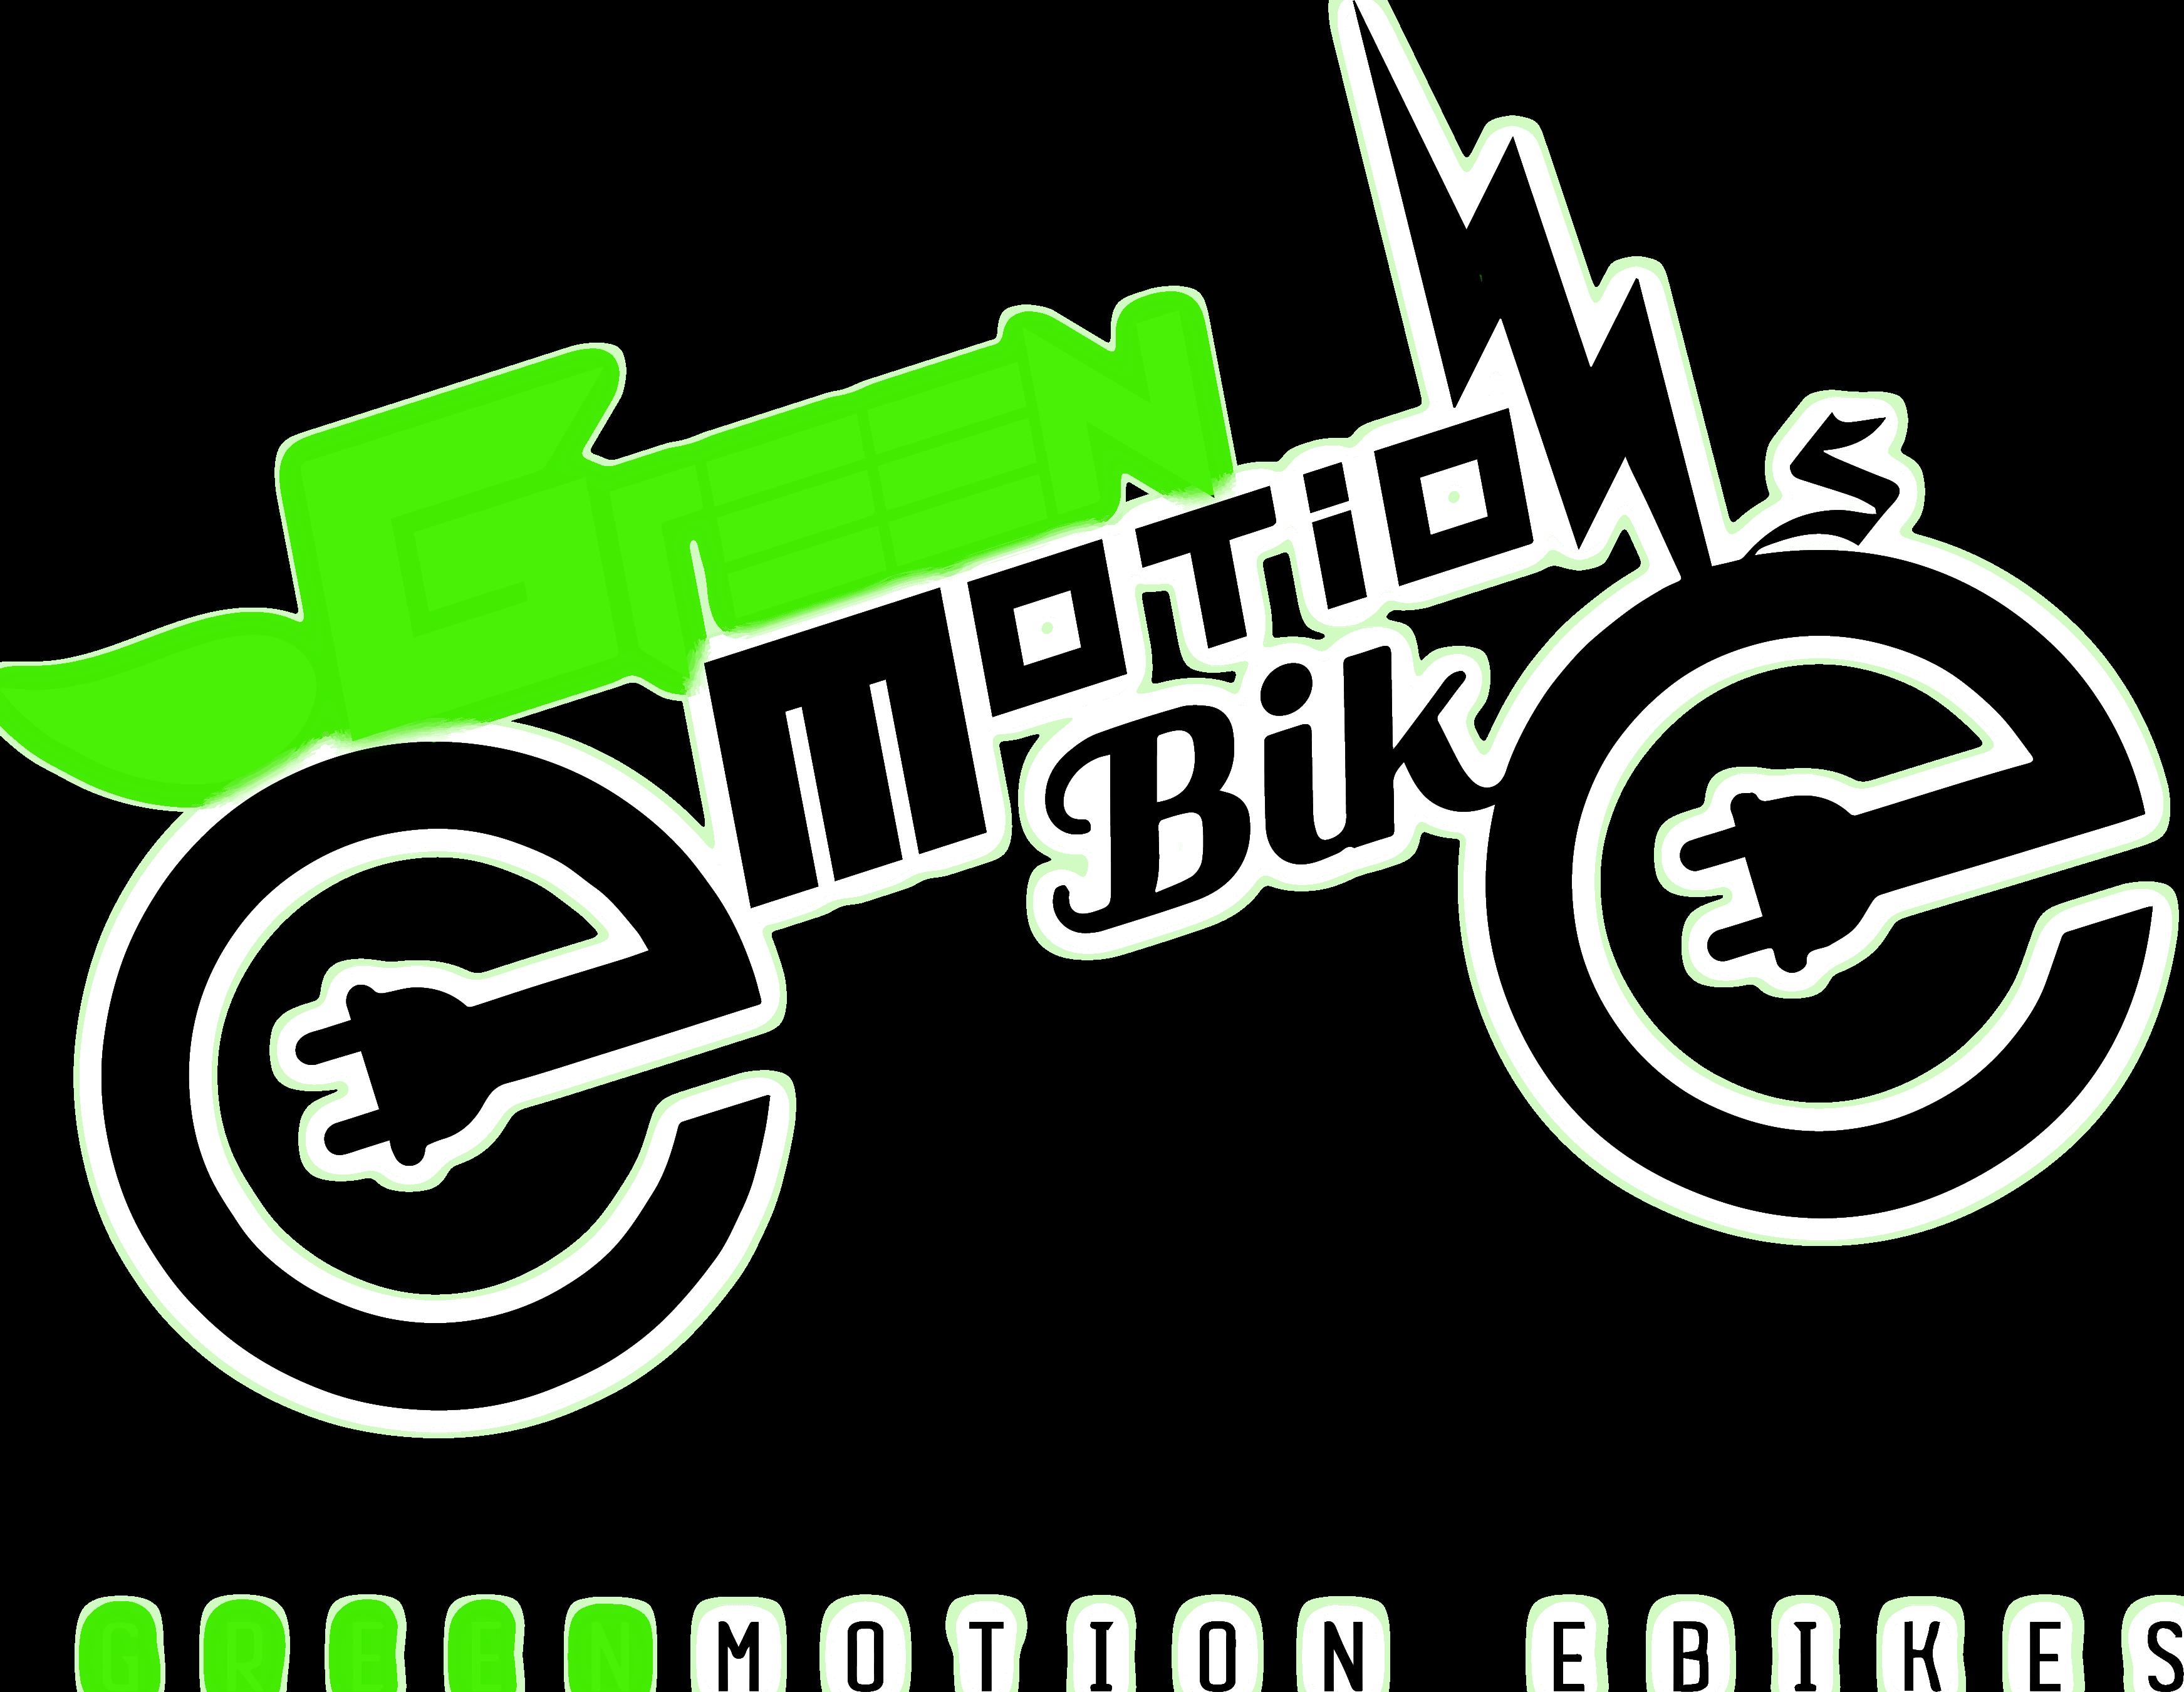 GreenMotioneBikes